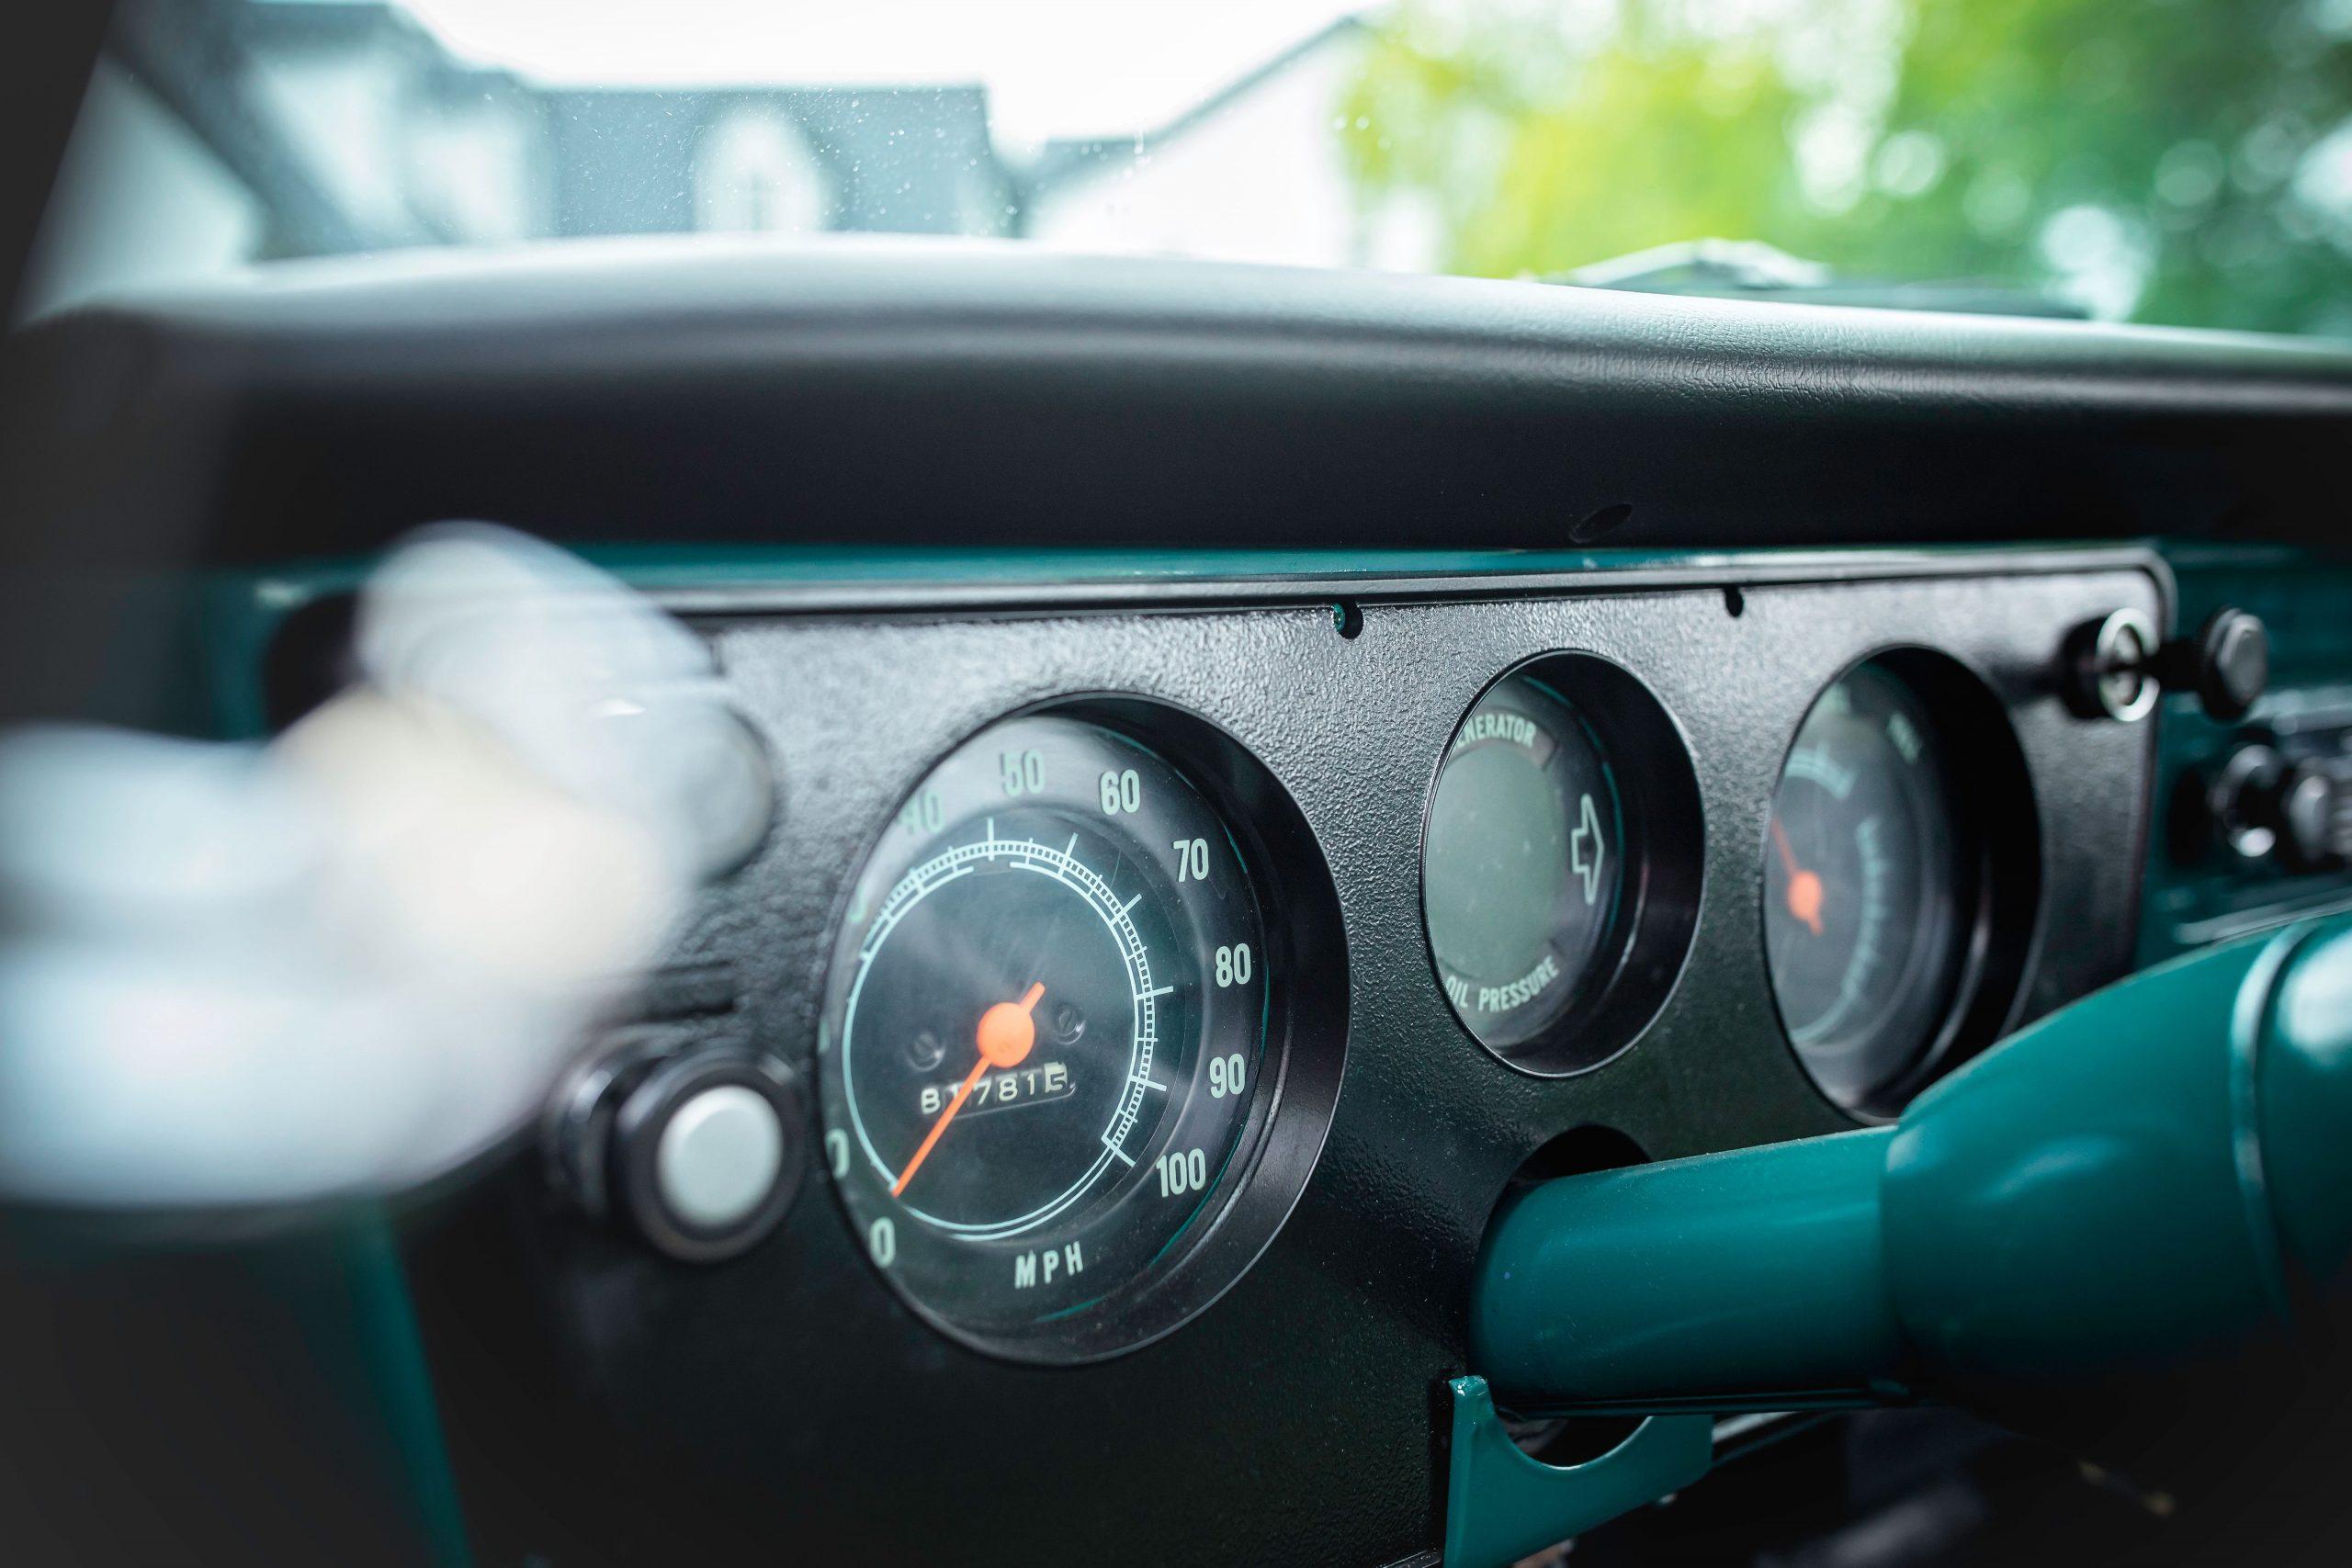 Elvis Presley Owned 1967 GMC Pickup interior dash gauges